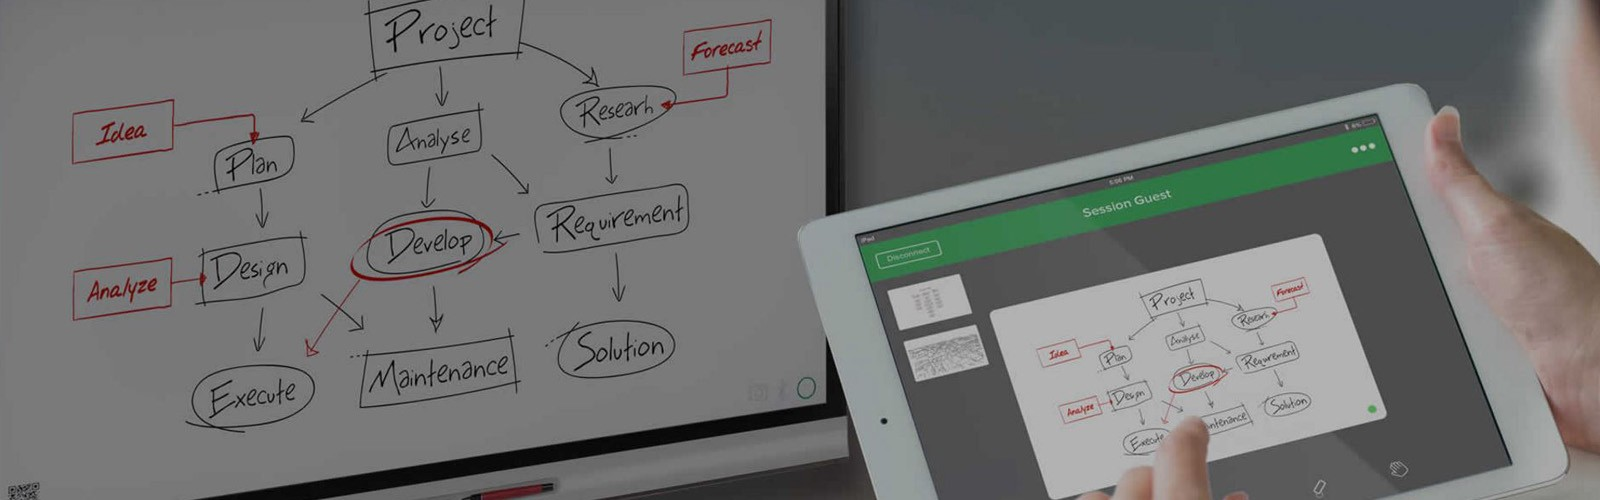 SMART Kapp iQ Pro Launched